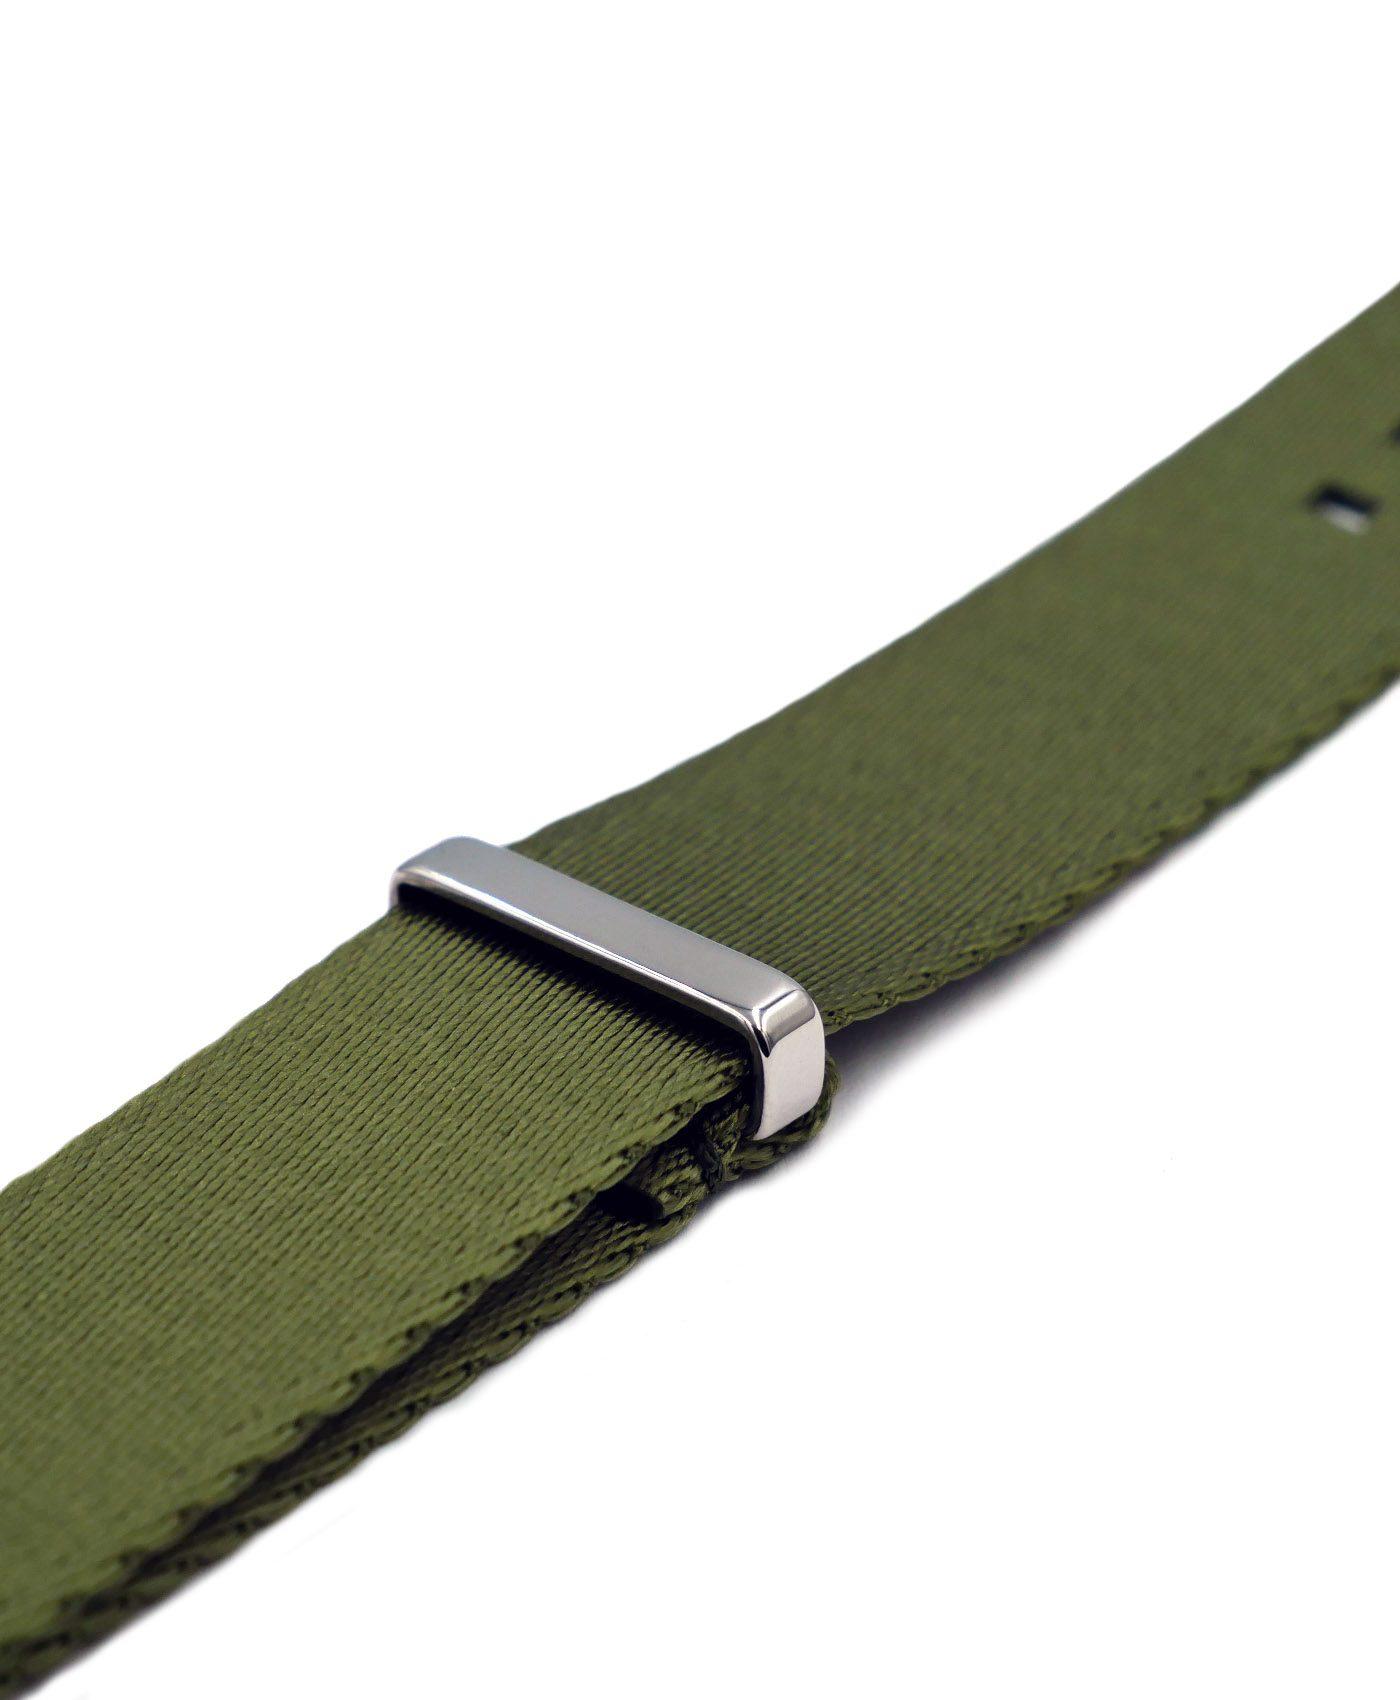 Premium 1.2 mm seat belt NATO Strap green side by WatchBandit